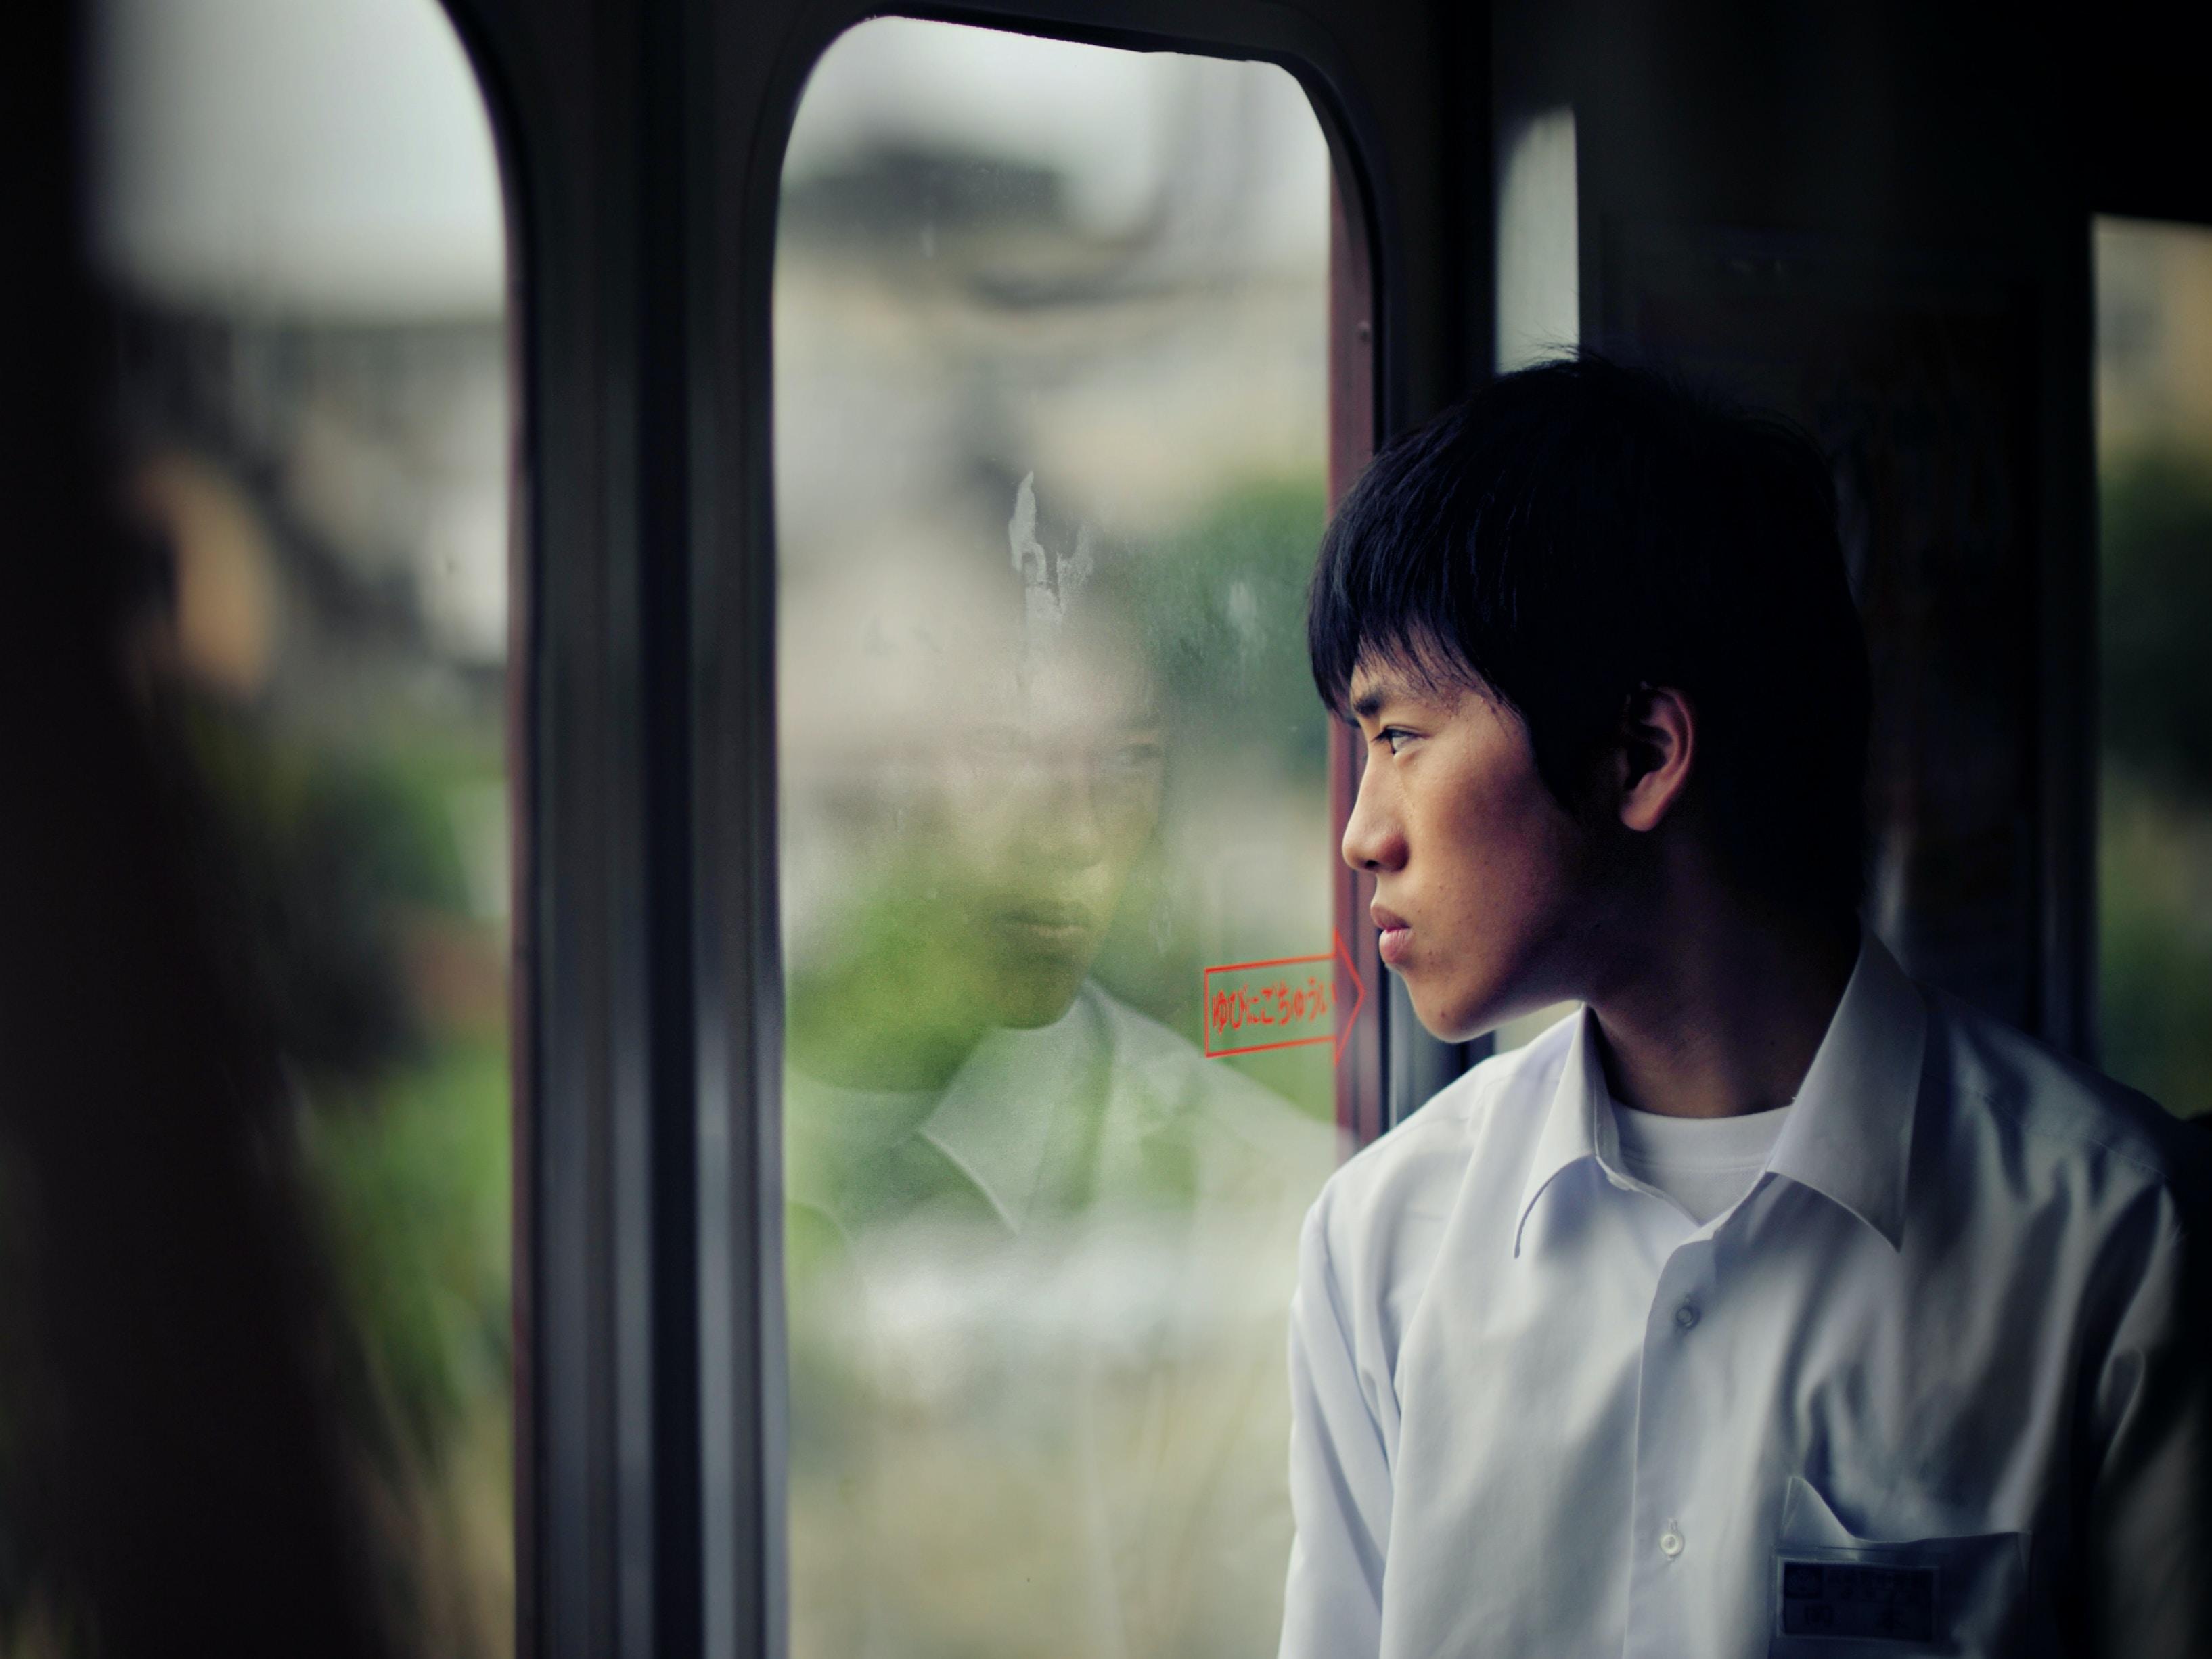 man in dress shirt standing in front of glass door